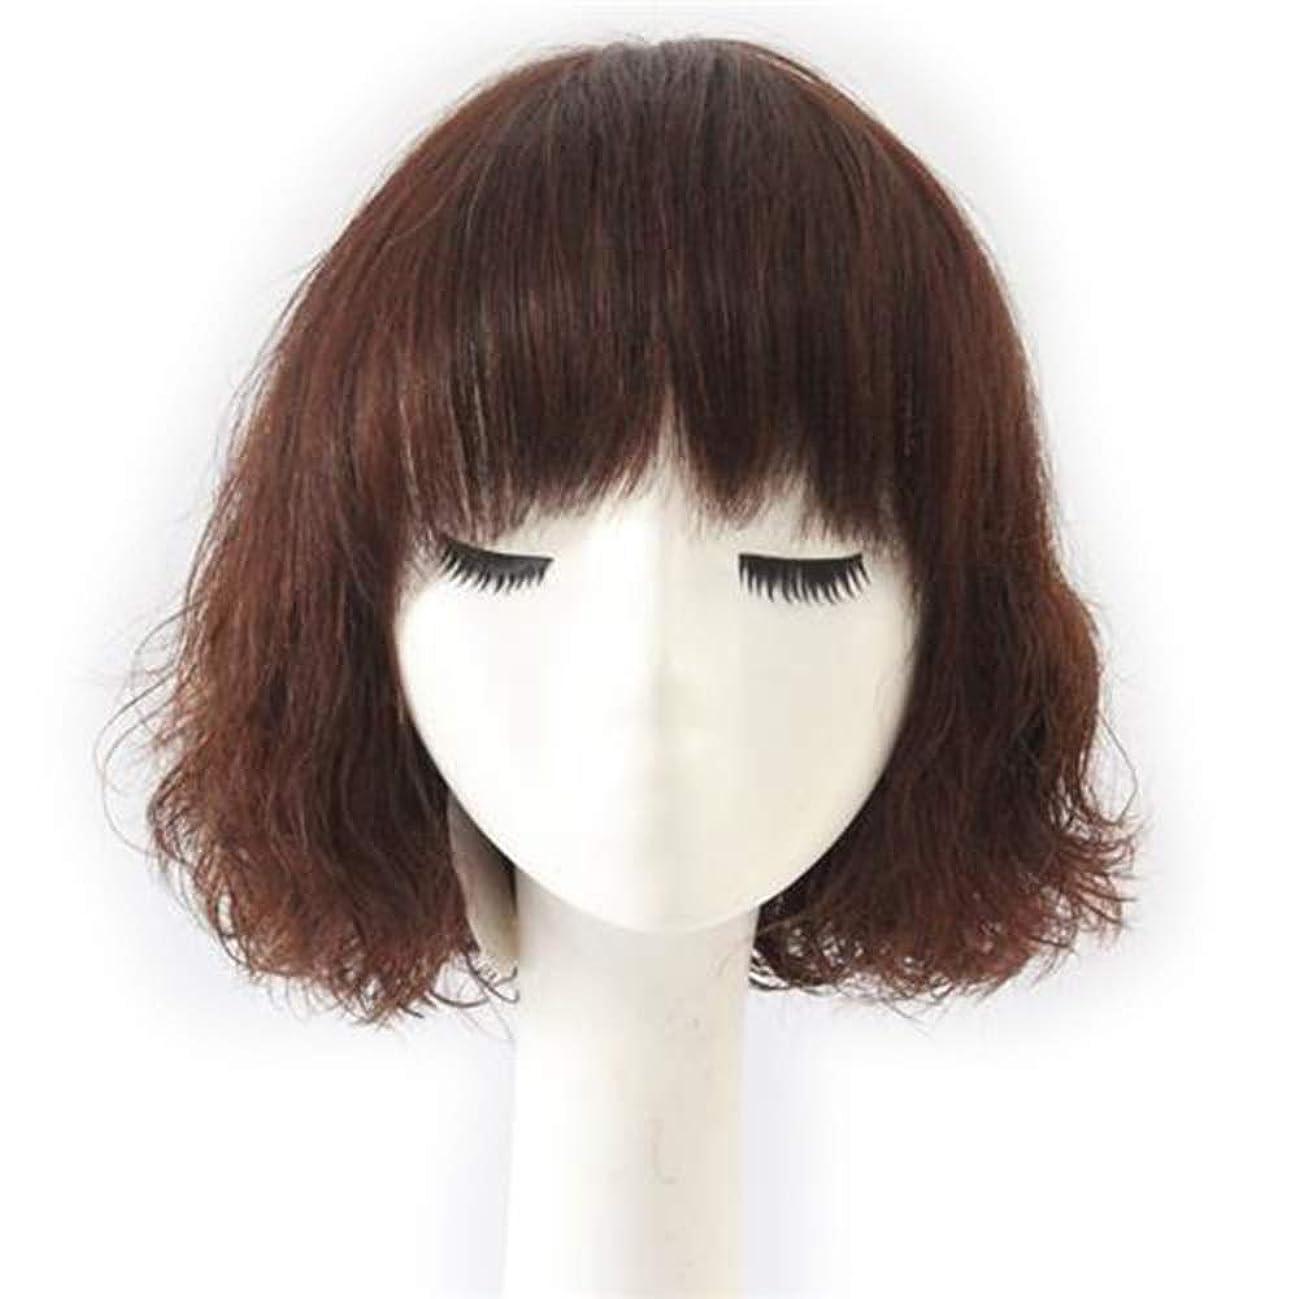 反響するポータルに応じてBOBIDYEE 女性のファッションかつらのためのダークブラウンのリアルヘアウィッグショートカーリーペアヘッド (色 : Natural color)